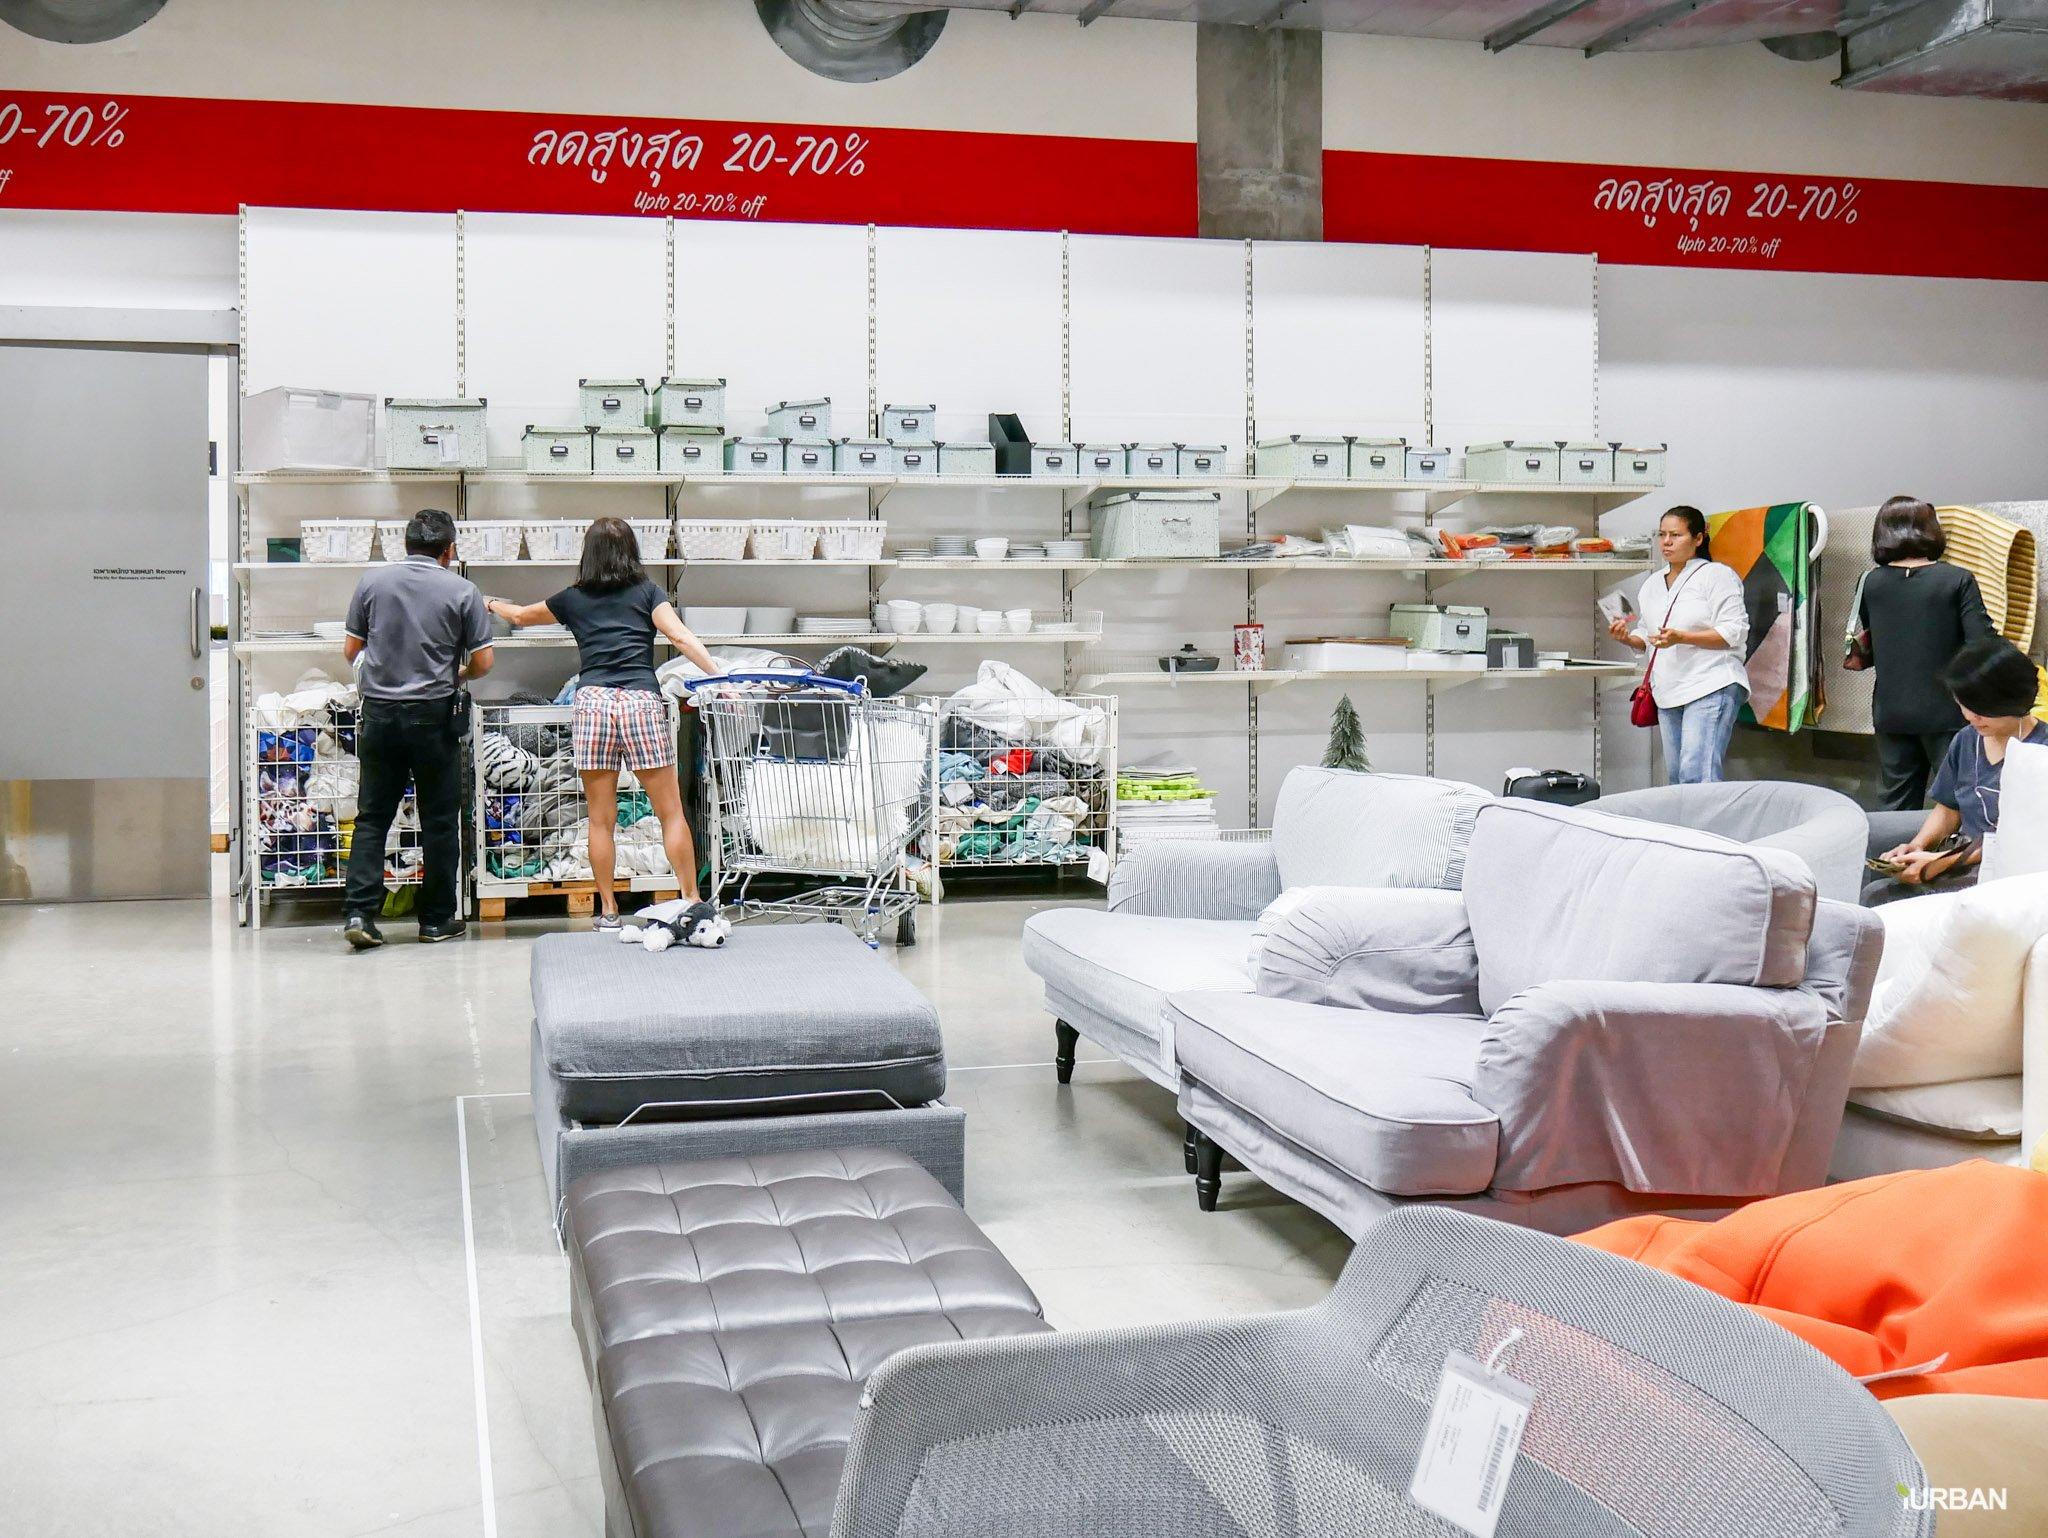 ช้อปที่ IKEA มีส่งของด่วนแล้ว 3 ชม. ถึงบ้าน เริ่ม 350 บาทโดย Deliveree 19 - Deliveree